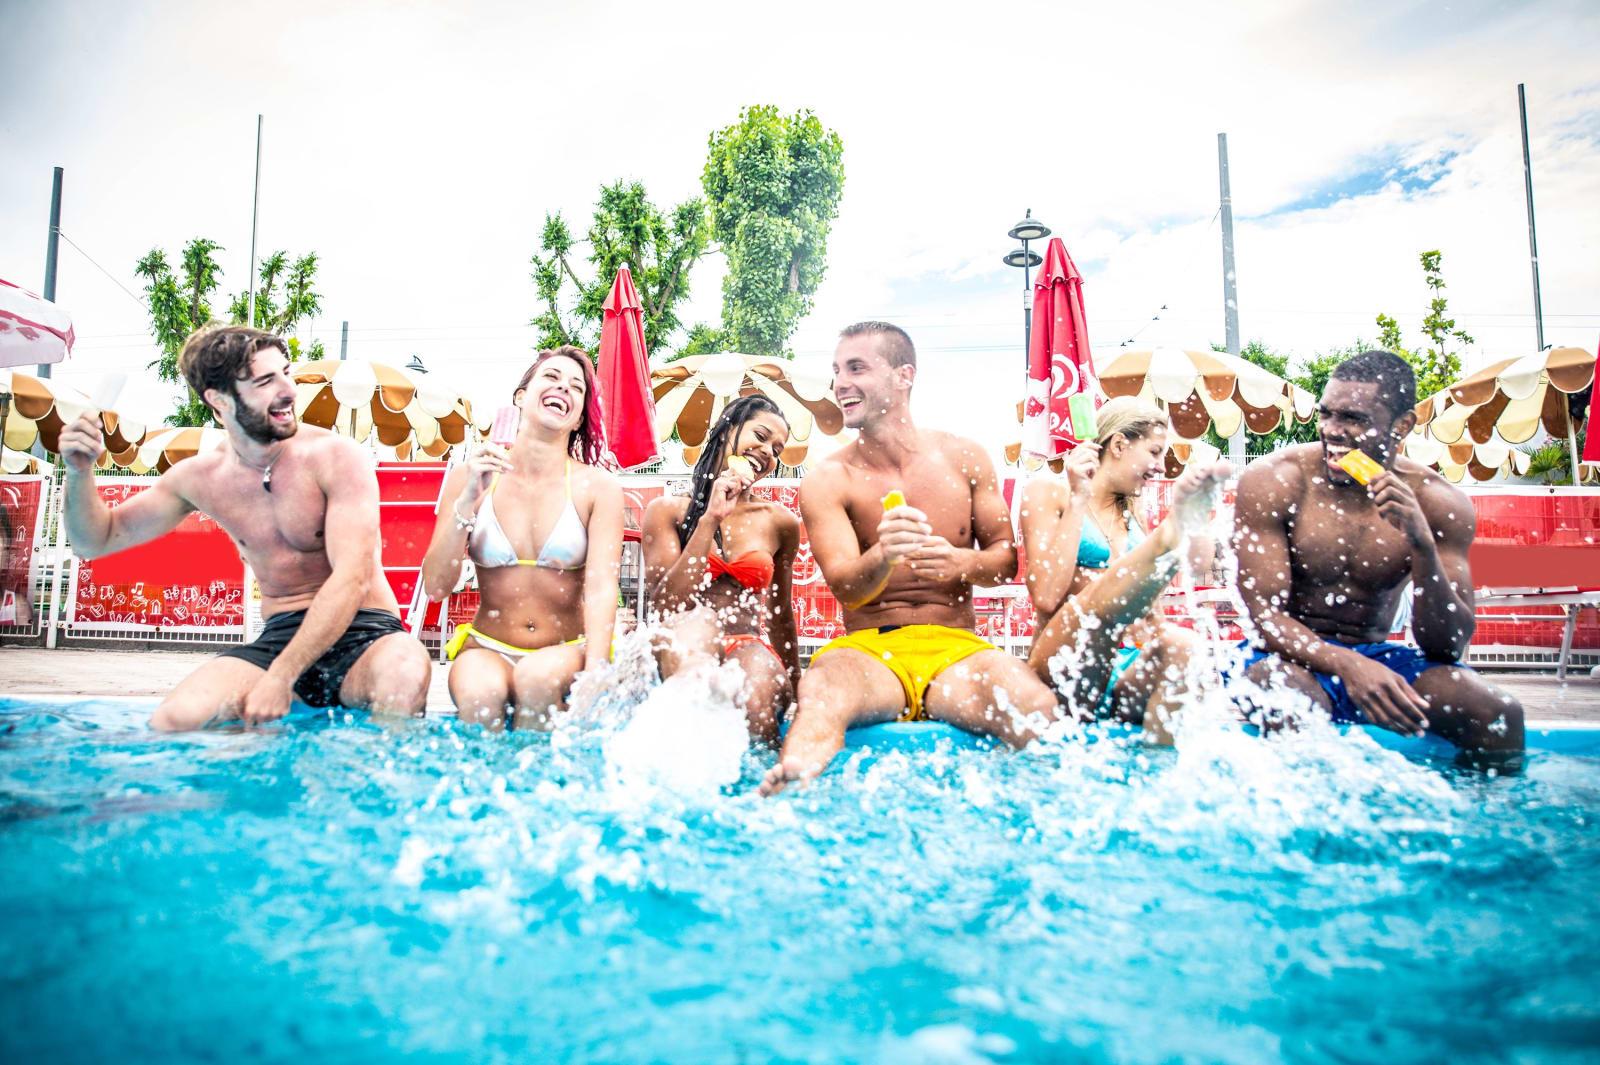 Junge Leute auf einer Poolparty